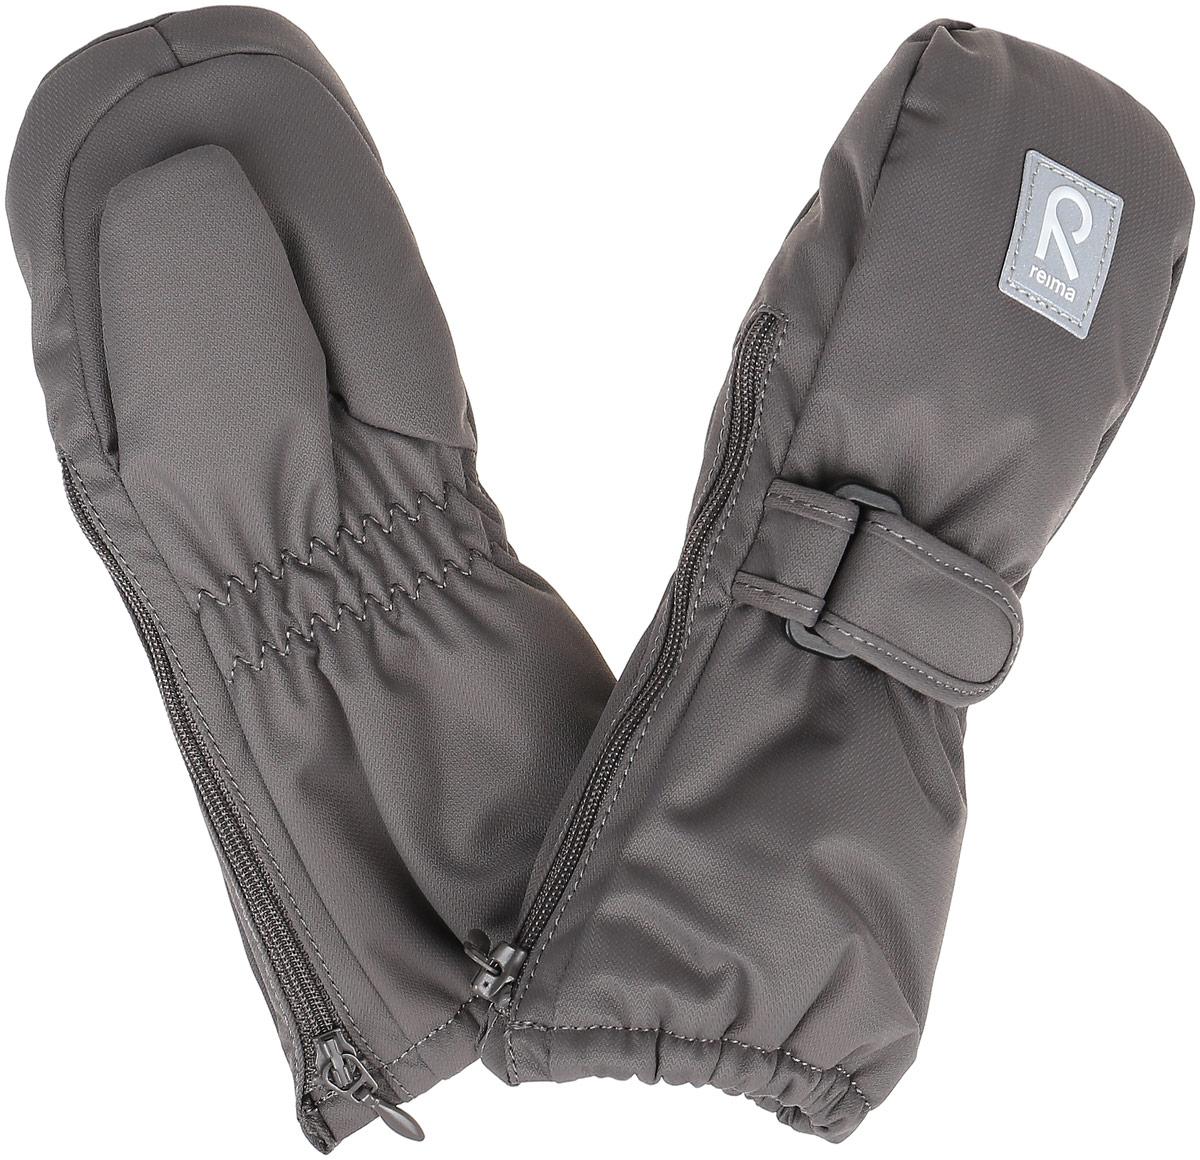 Варежки детские517135-4620Детские варежки Reima Tassu, изготовленные из мембранной ткани с водо- и ветрозащитным покрытием, станут идеальным вариантом, для холодной зимней погоды. Уникальный дышащий материал с безопасным и простым в уходе покрытием и теплая подкладка из синтепона надежно сохранят тепло и не дадут ручкам вашего малыша замерзнуть. Варежки дополнены регулируемыми хлястиками на липучках с пластиковой пряжкой, а также застежками- молниями по бокам, которые позволяют легко надевать и снимать варежки. Манжеты дополнены эластичными резинками. С внешней стороны варежки оформлены светоотражающими нашивками. Средняя степень утепления. Идеально при температурах от 0°С до -20°С.